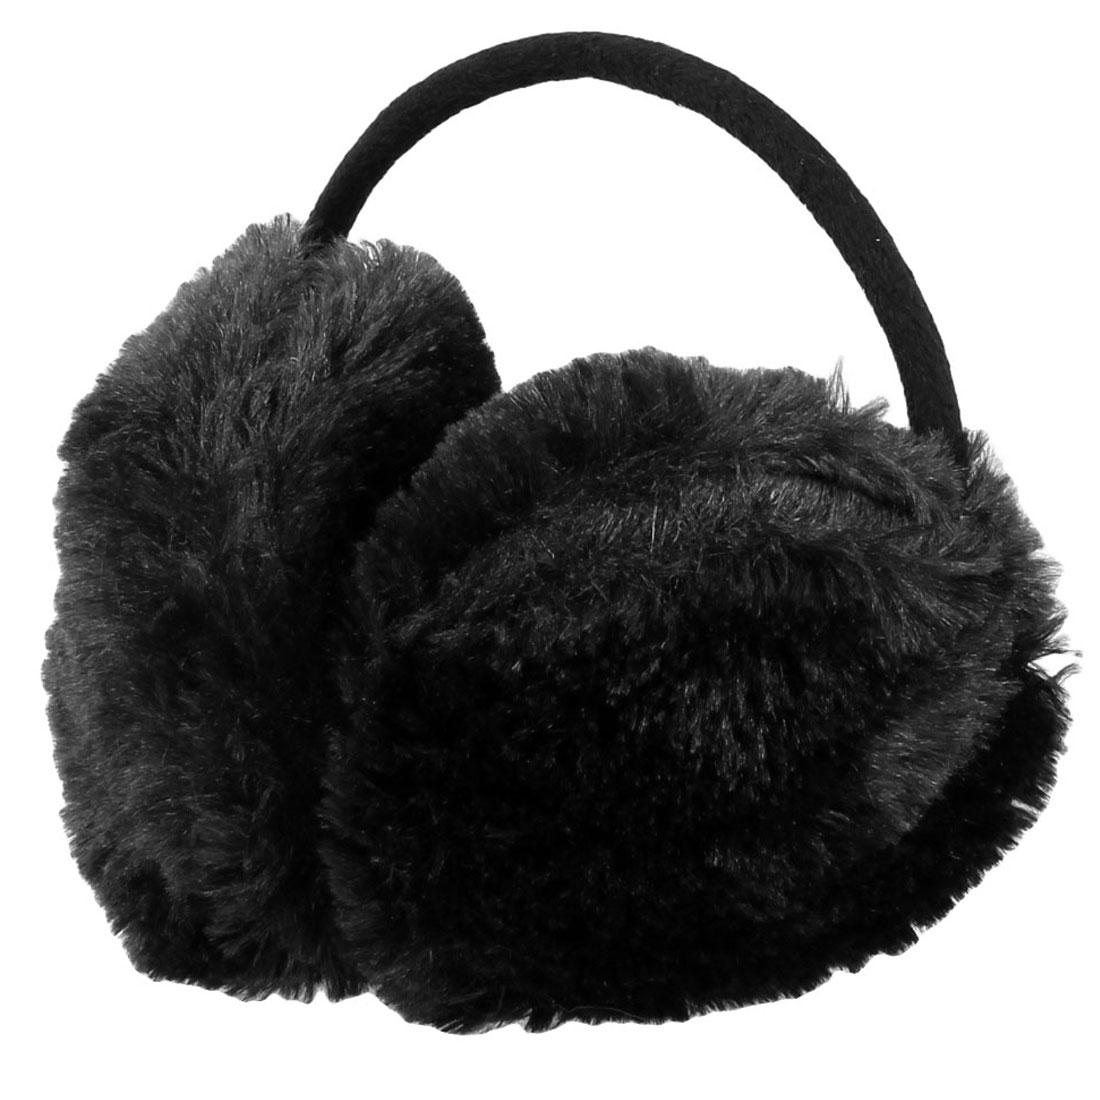 Children Winter Headwear Plush Back Ear Warmer Earmuffs Black